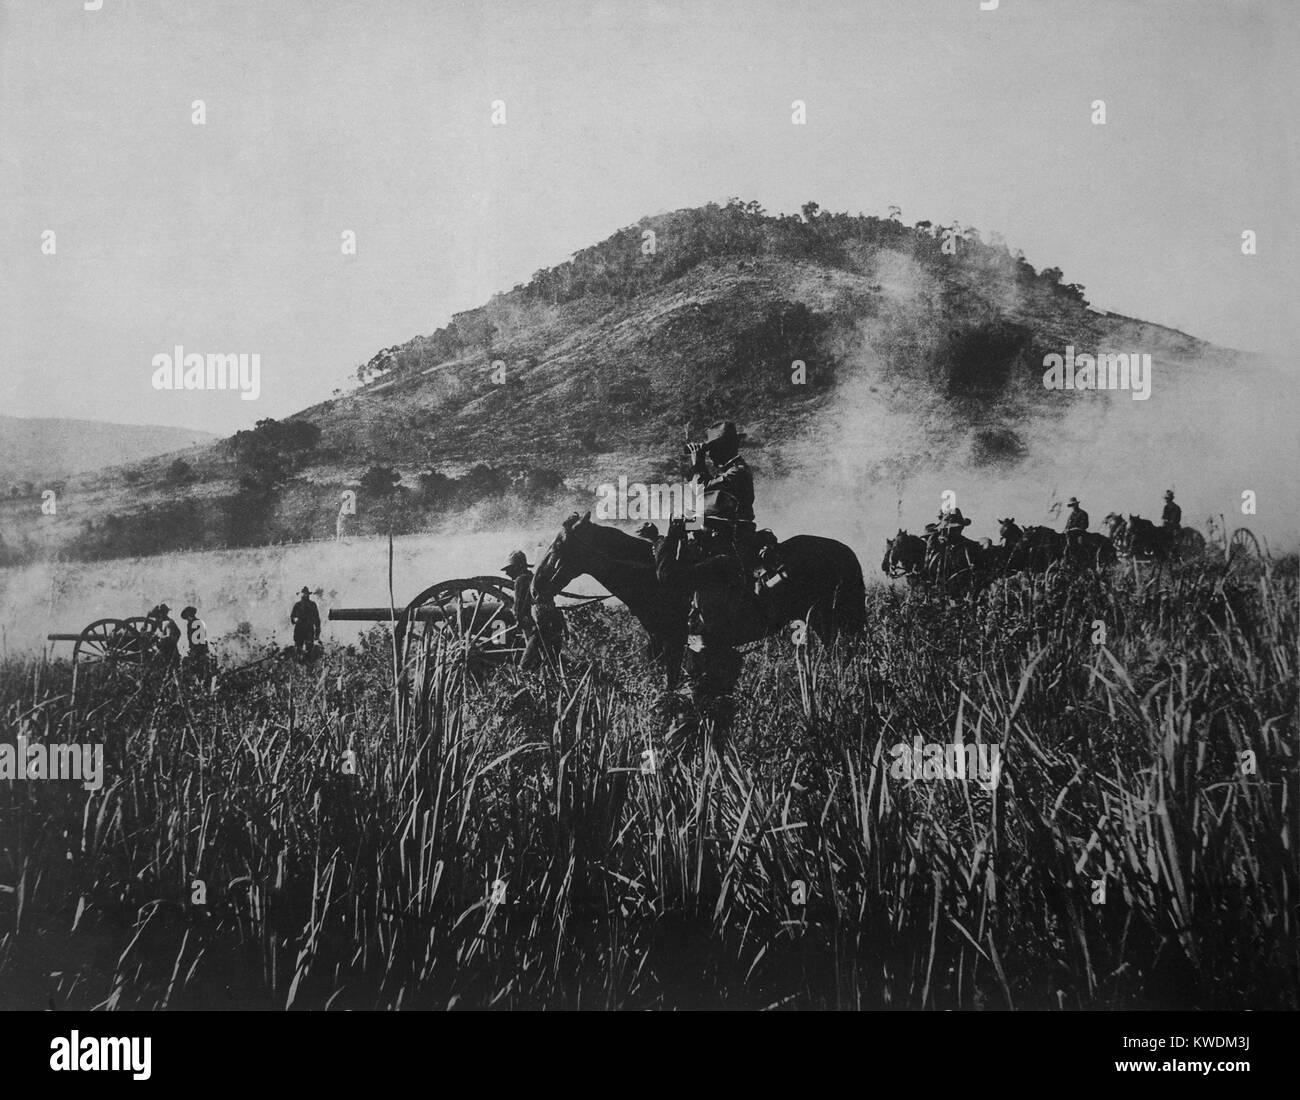 Noi artiglieria, shelling a Coamo, il 9 agosto 1898, mentre avanza in Puerto Rican interni. Invasori americani opposizione Immagini Stock